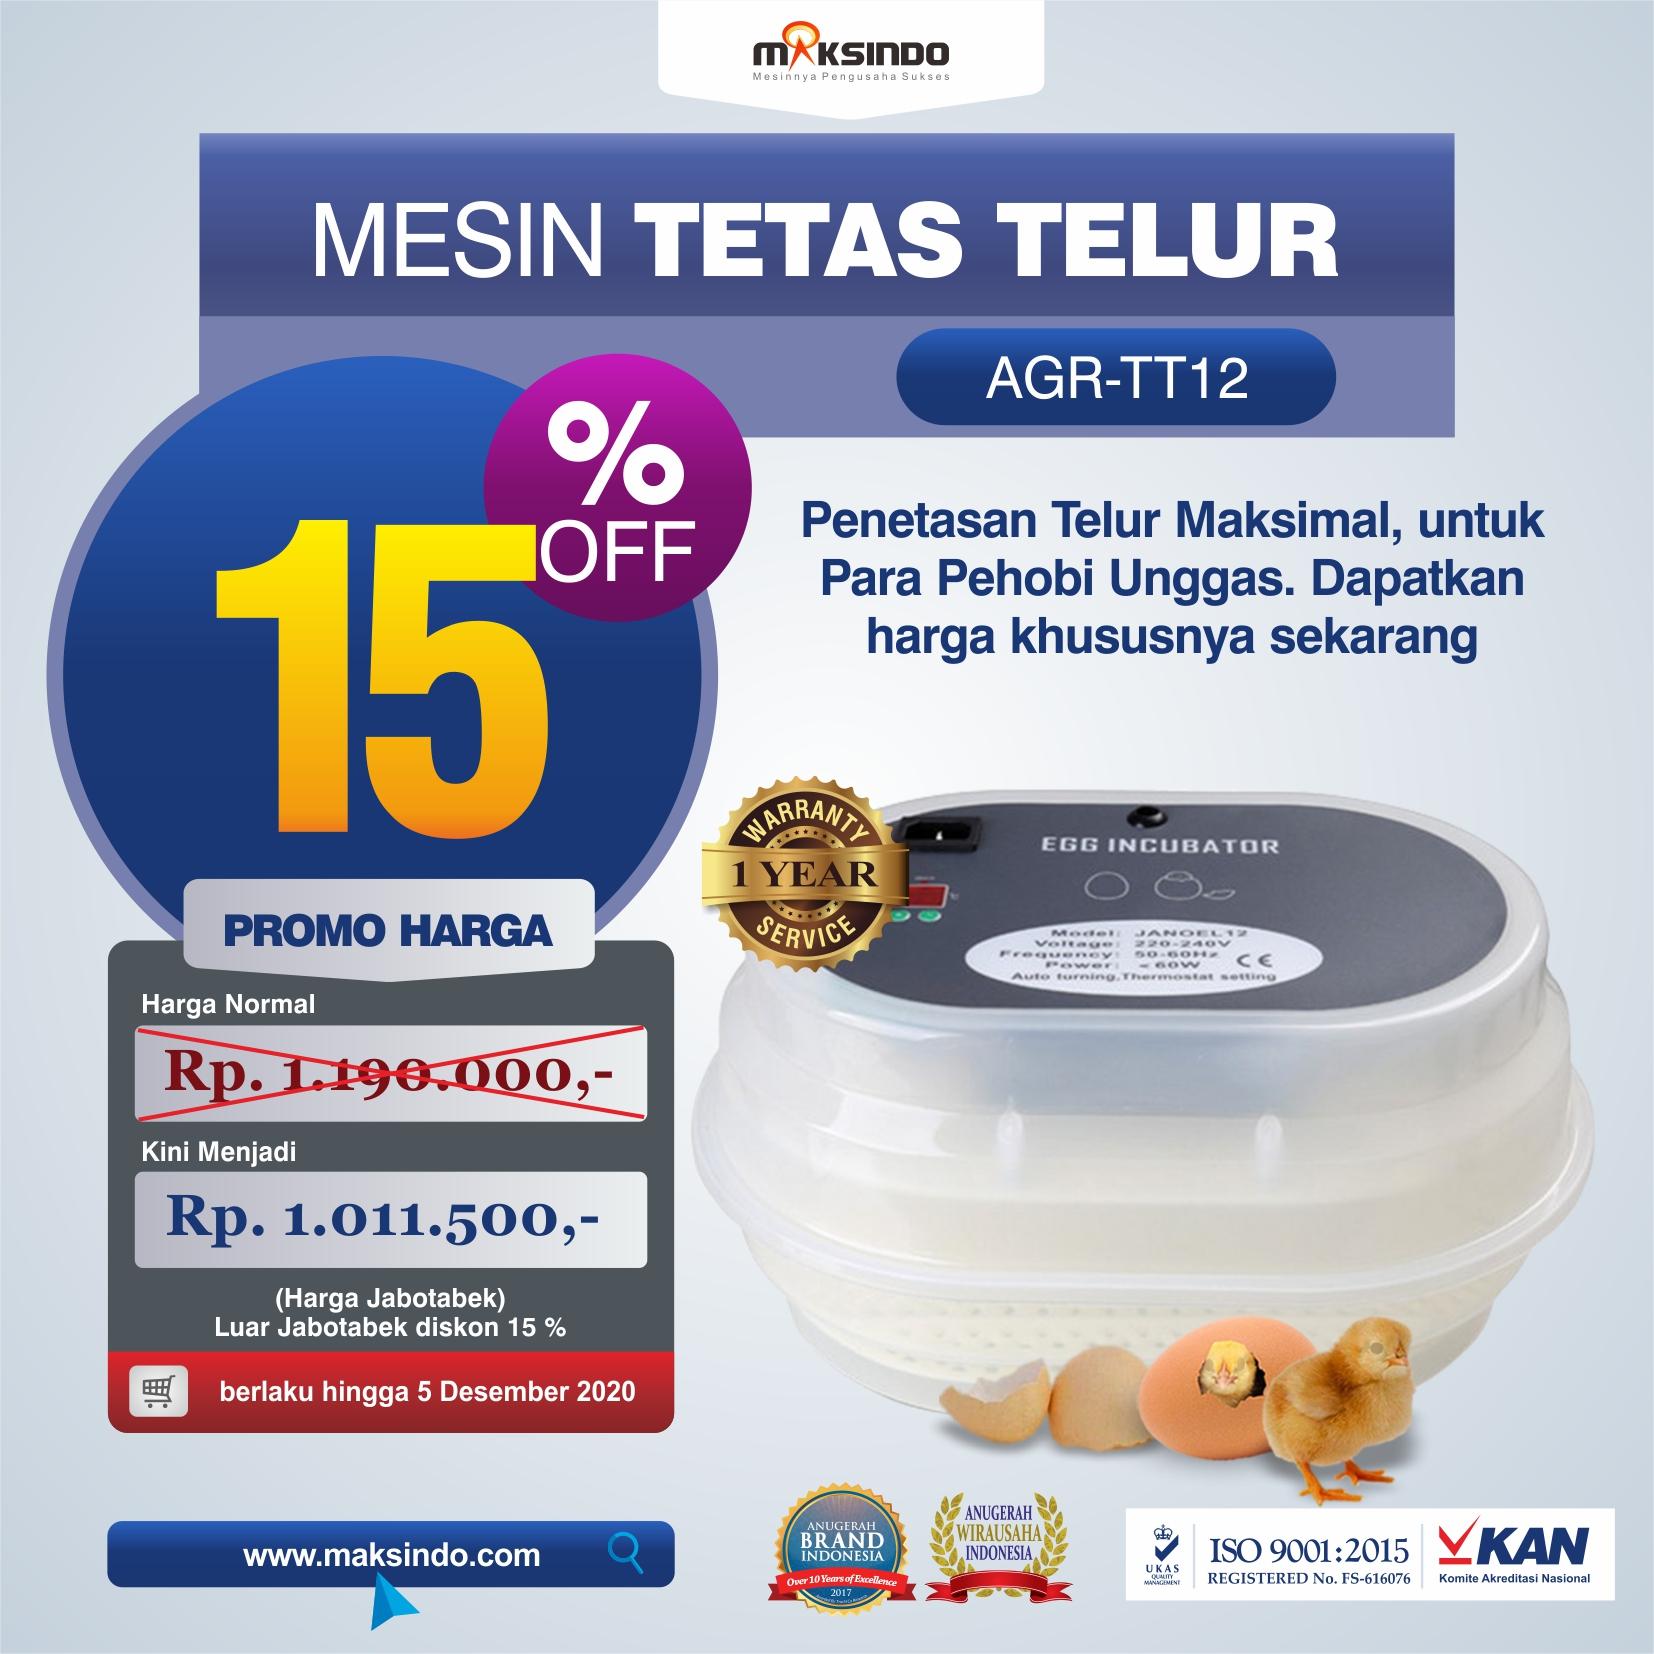 Jual Mesin Tetas Telur 12 Butir Otomatis – AGR-TT12 di Medan